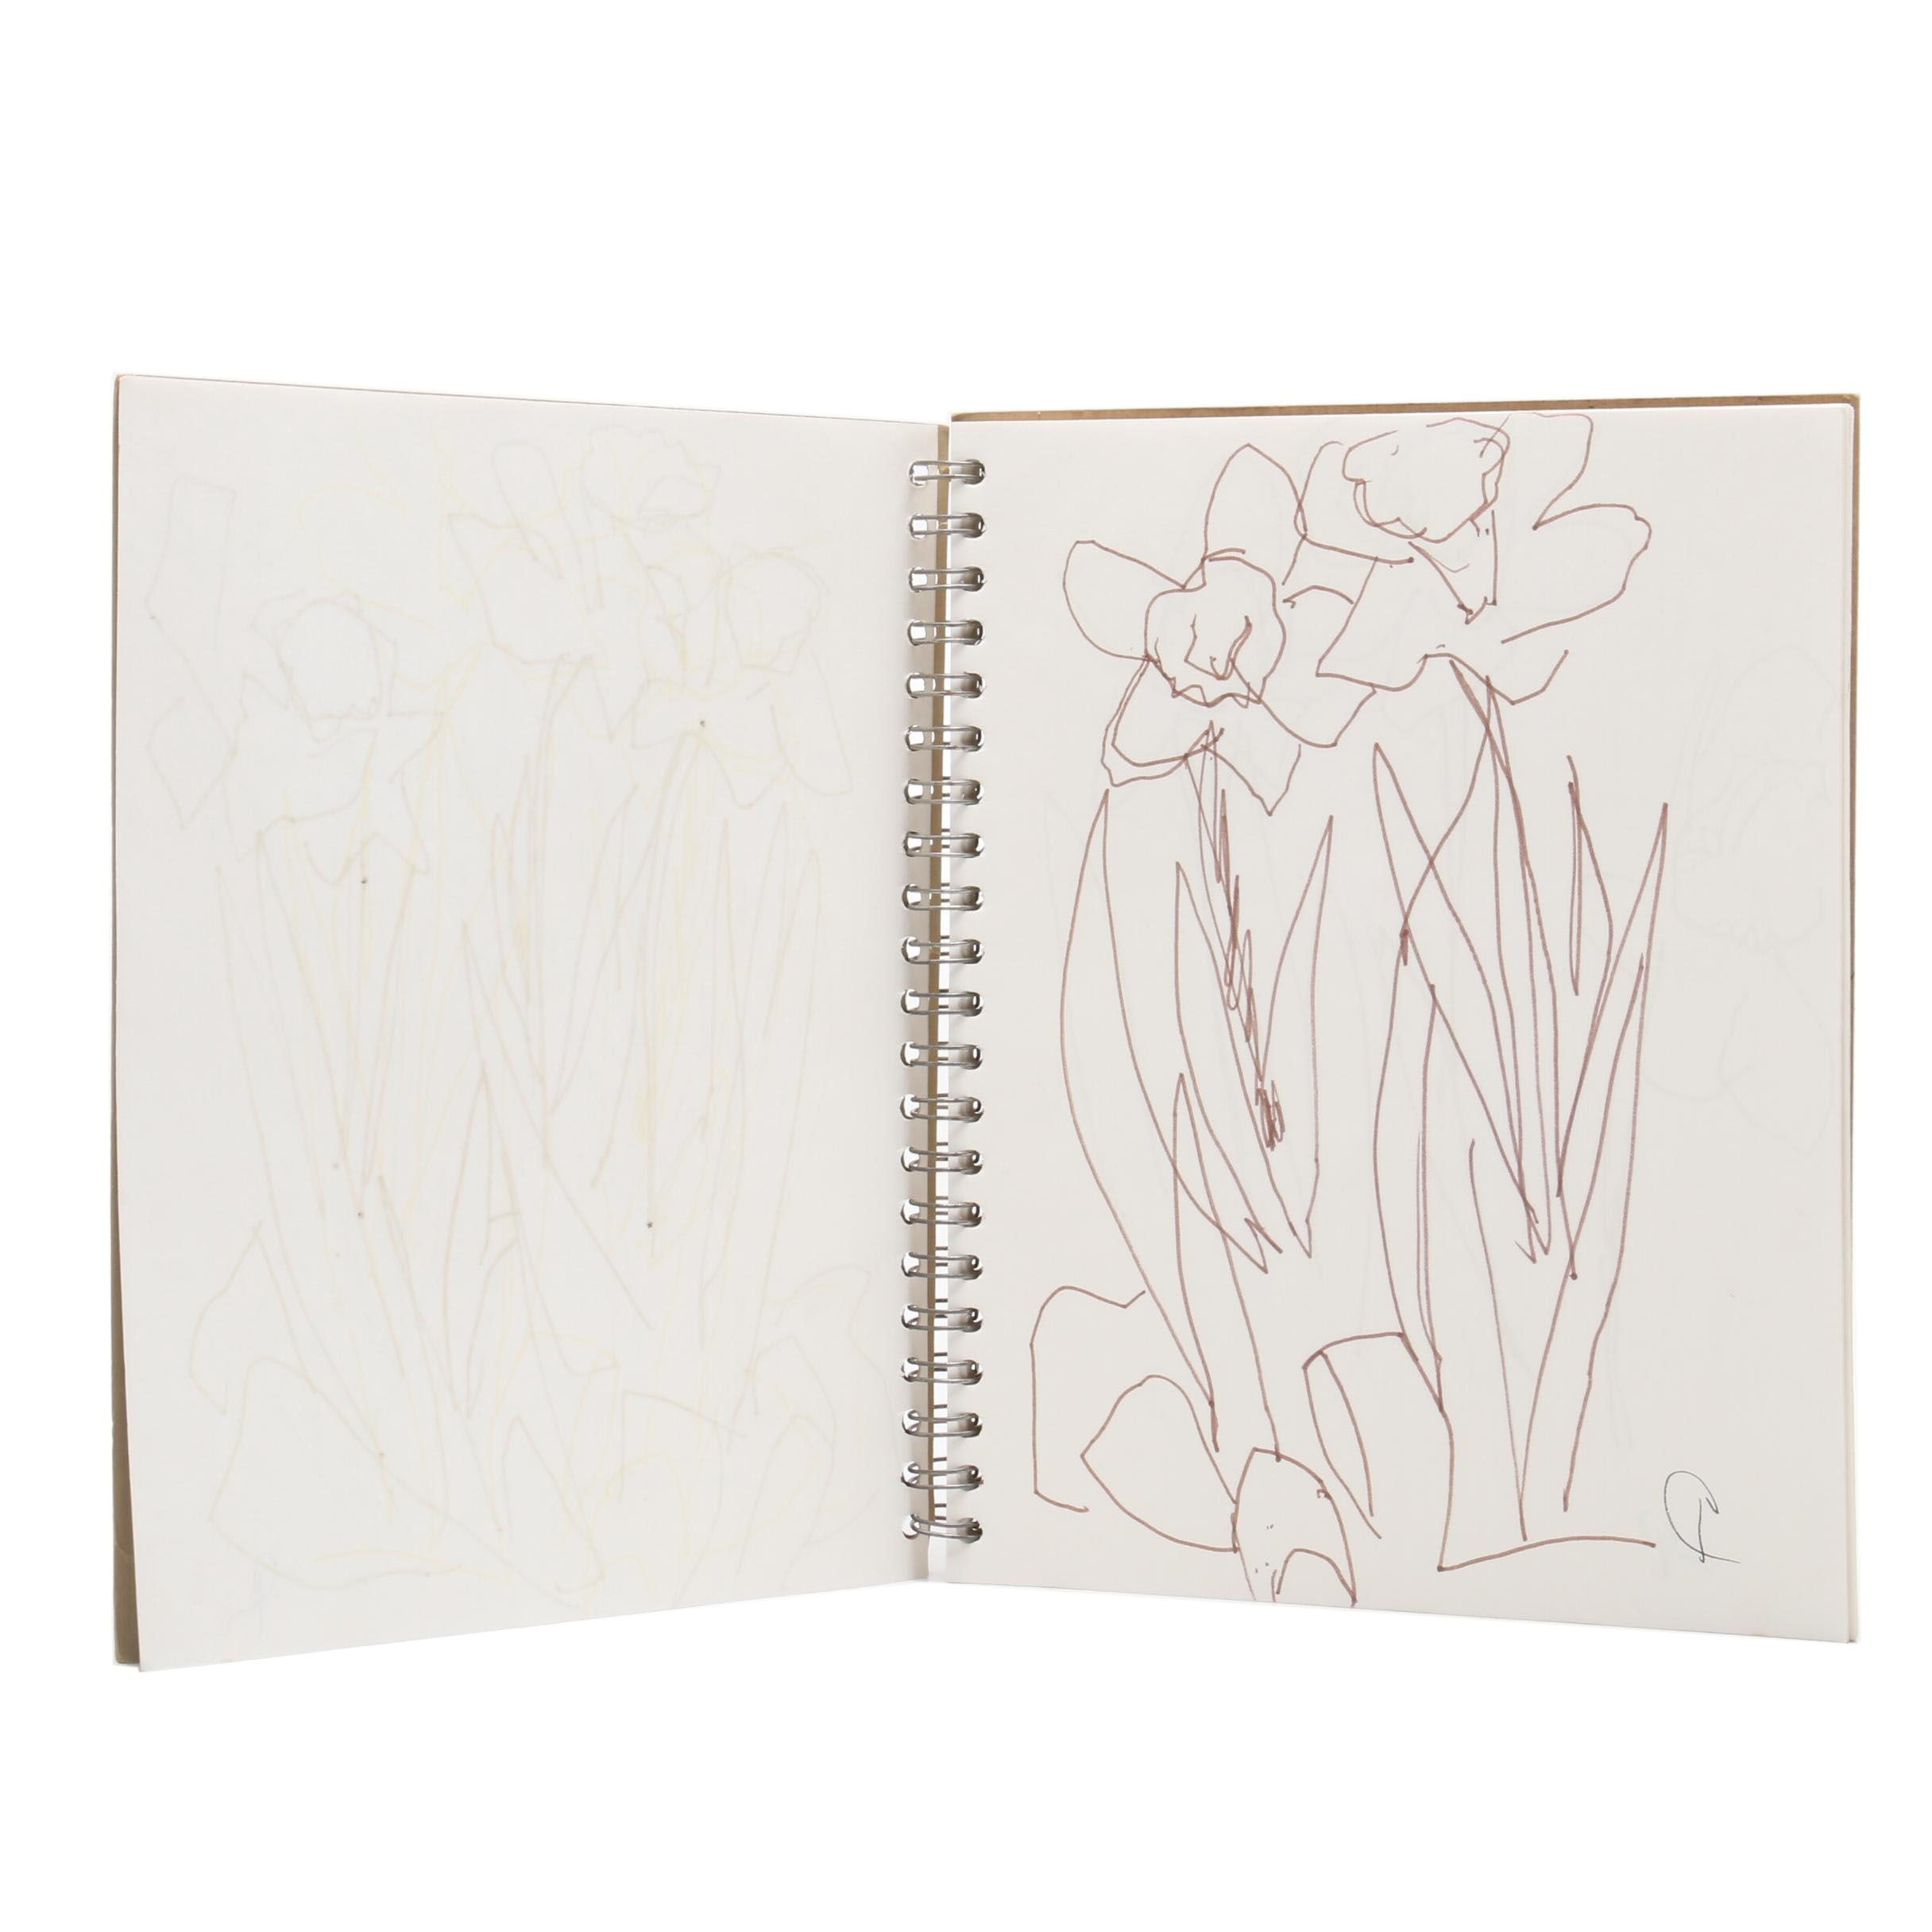 Paul Chidlaw Sketchbook of Floral Line Drawings